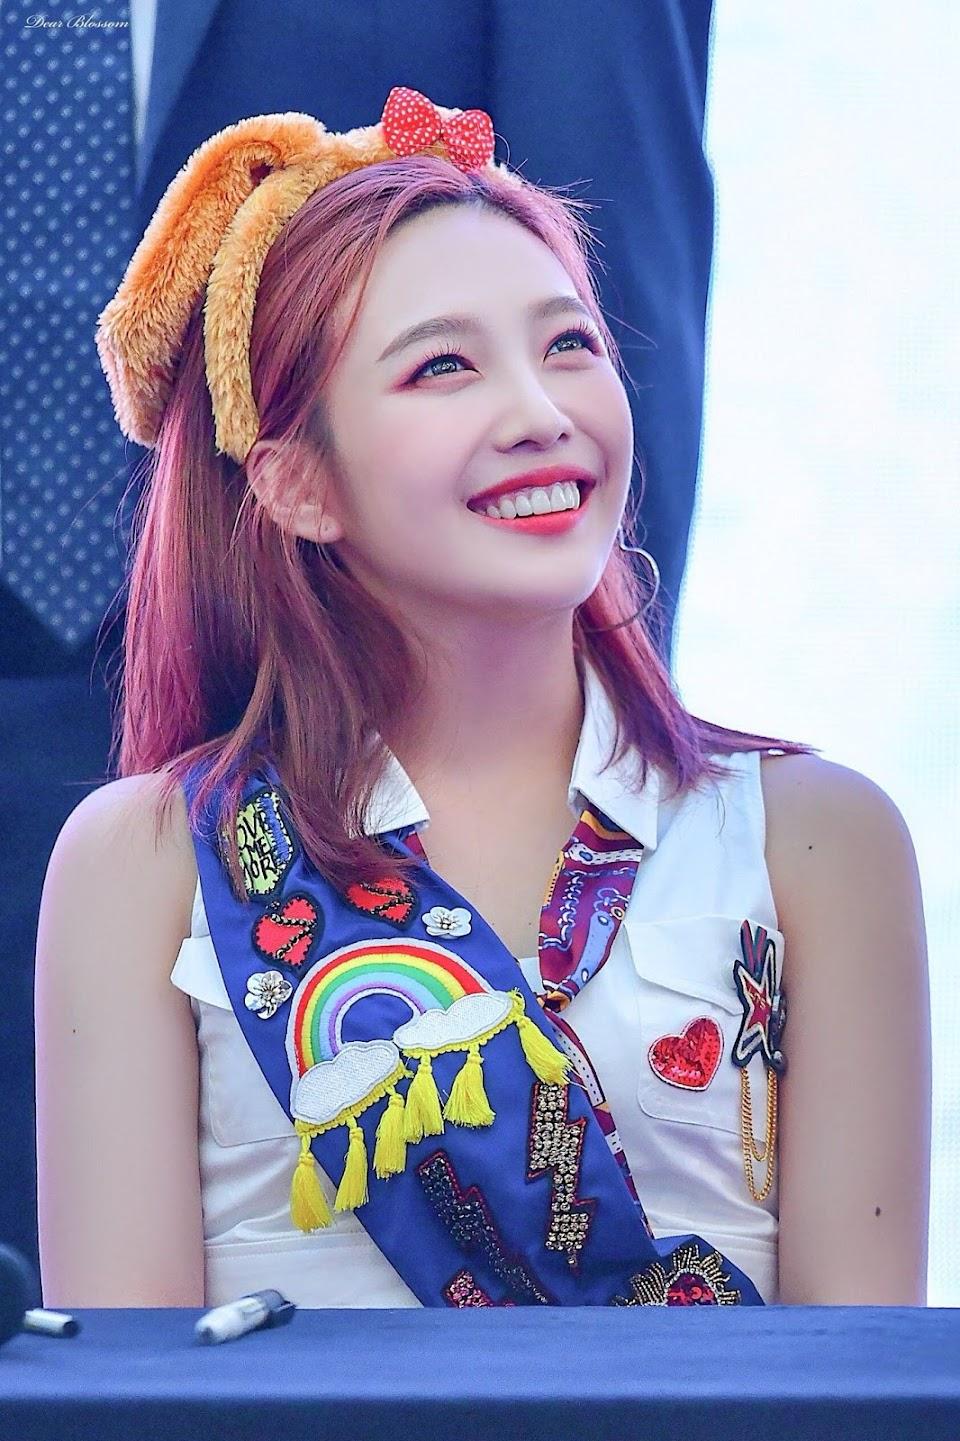 joy smile 2